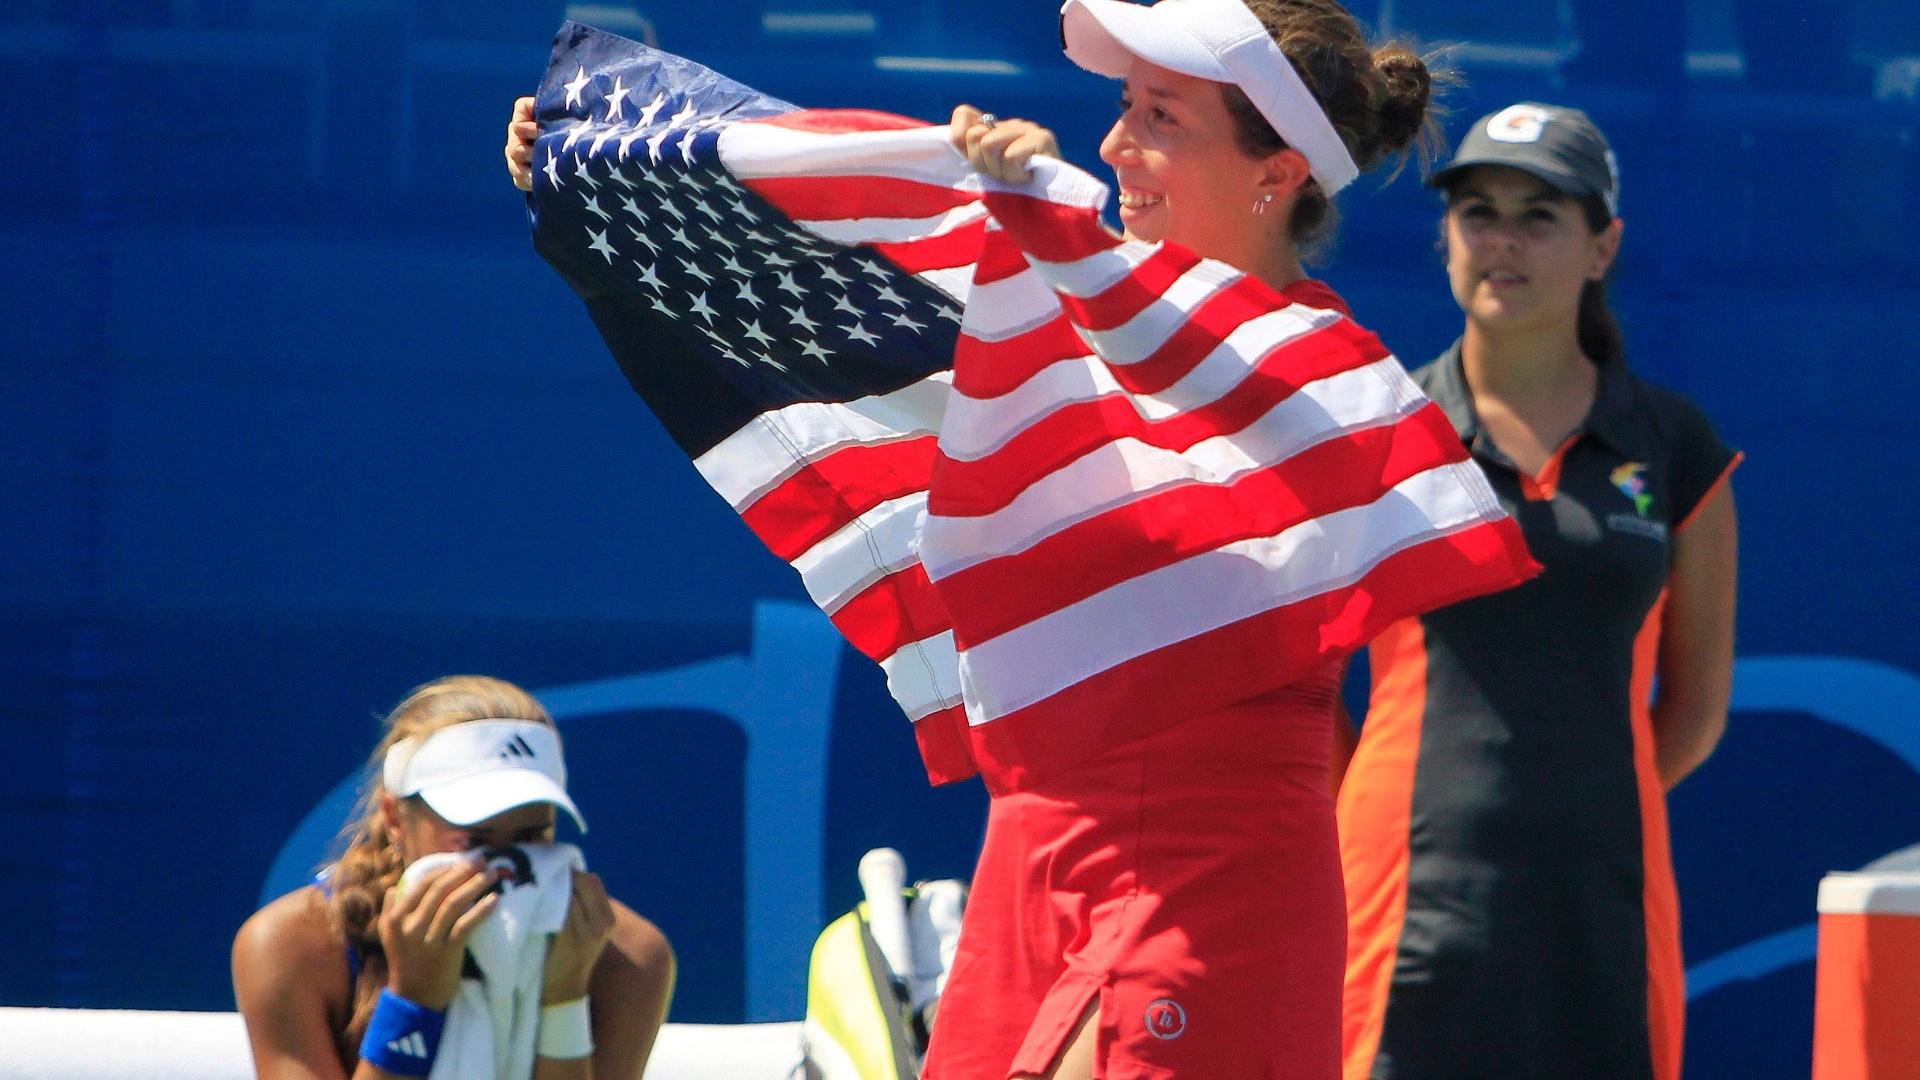 Irina Falconi comemora com a bandeira dos Estados Unidos após vencer a porto-riquenha Monica Puig (21/10/2011)